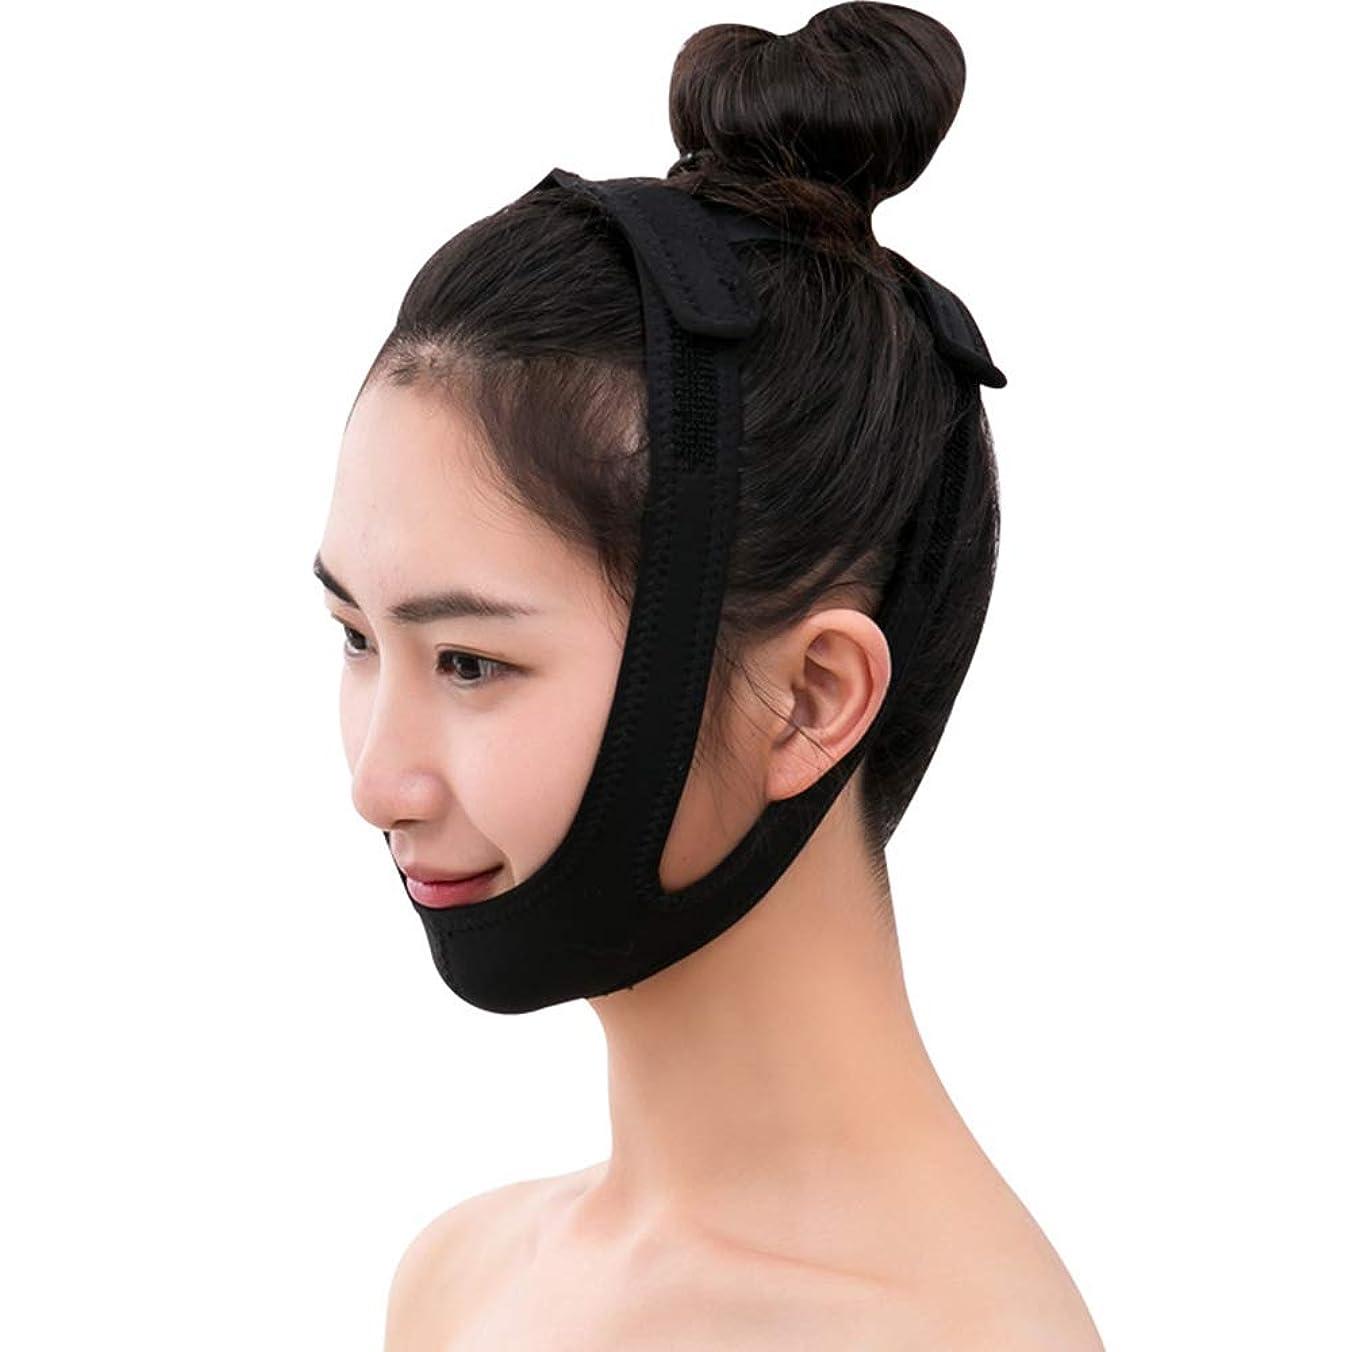 望ましいトリップ出力GYZ フェイシャルリフティング痩身ベルト圧縮二重あご減量ベルトスキンケア薄い顔包帯二重あごワークアウト Thin Face Belt